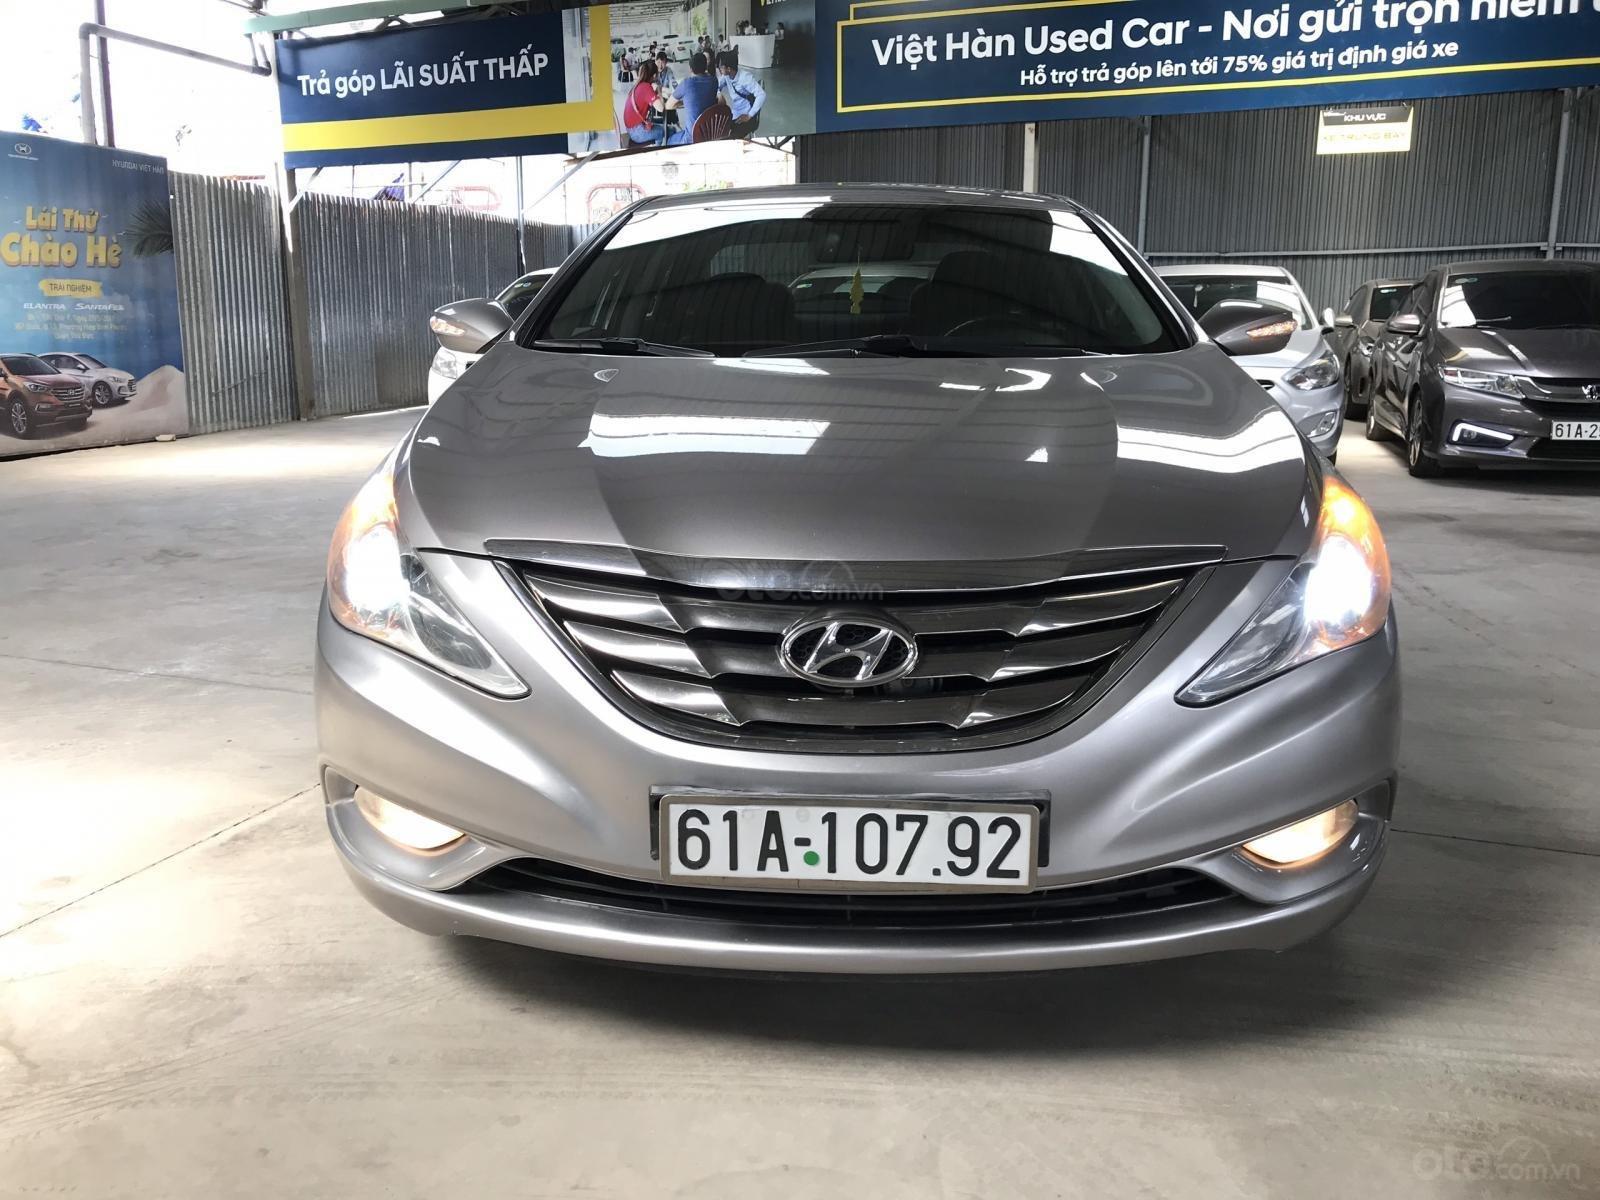 Bán Hyundai Sonata 2.0AT màu bạc, số tự động, nhập Hàn Quốc, biển Bình Dương, đi 88000km (6)